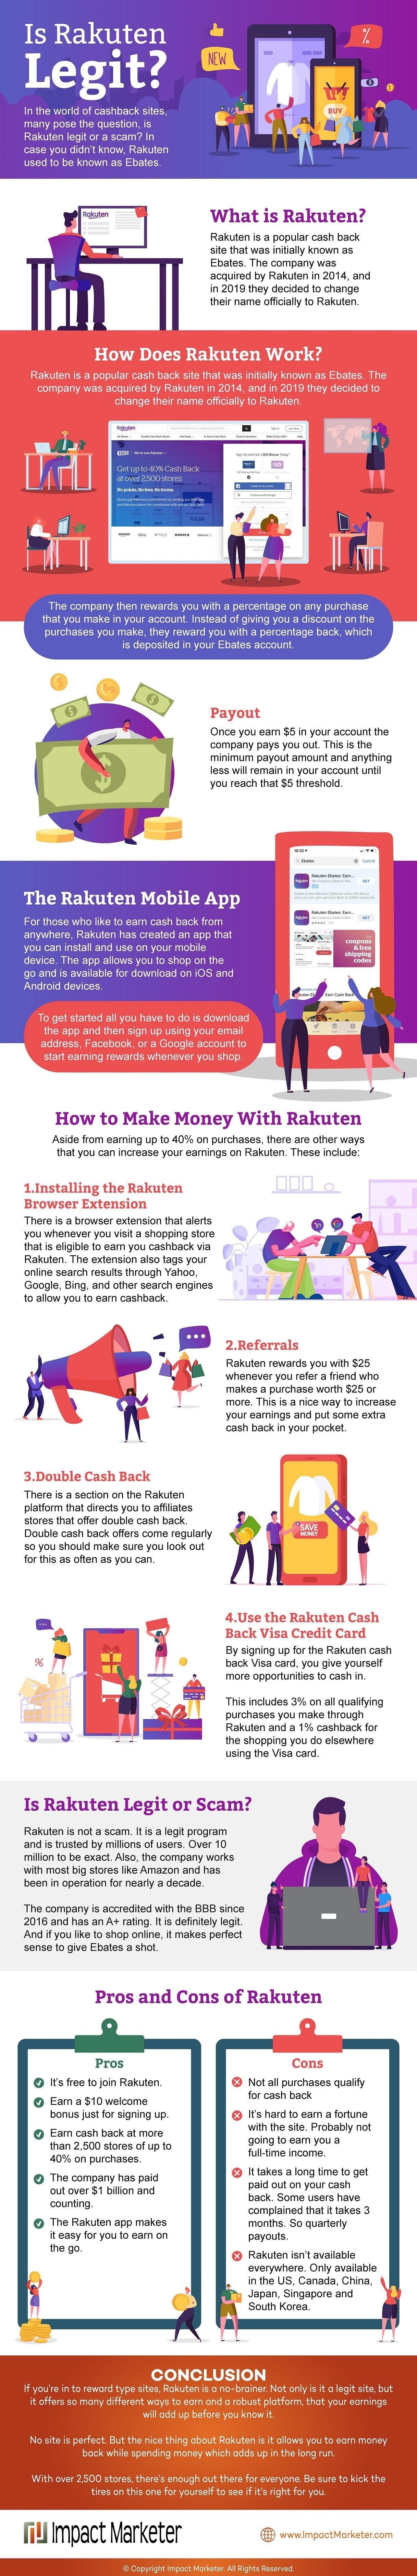 Is Rakuten Legit Review Infographic Infographic Data